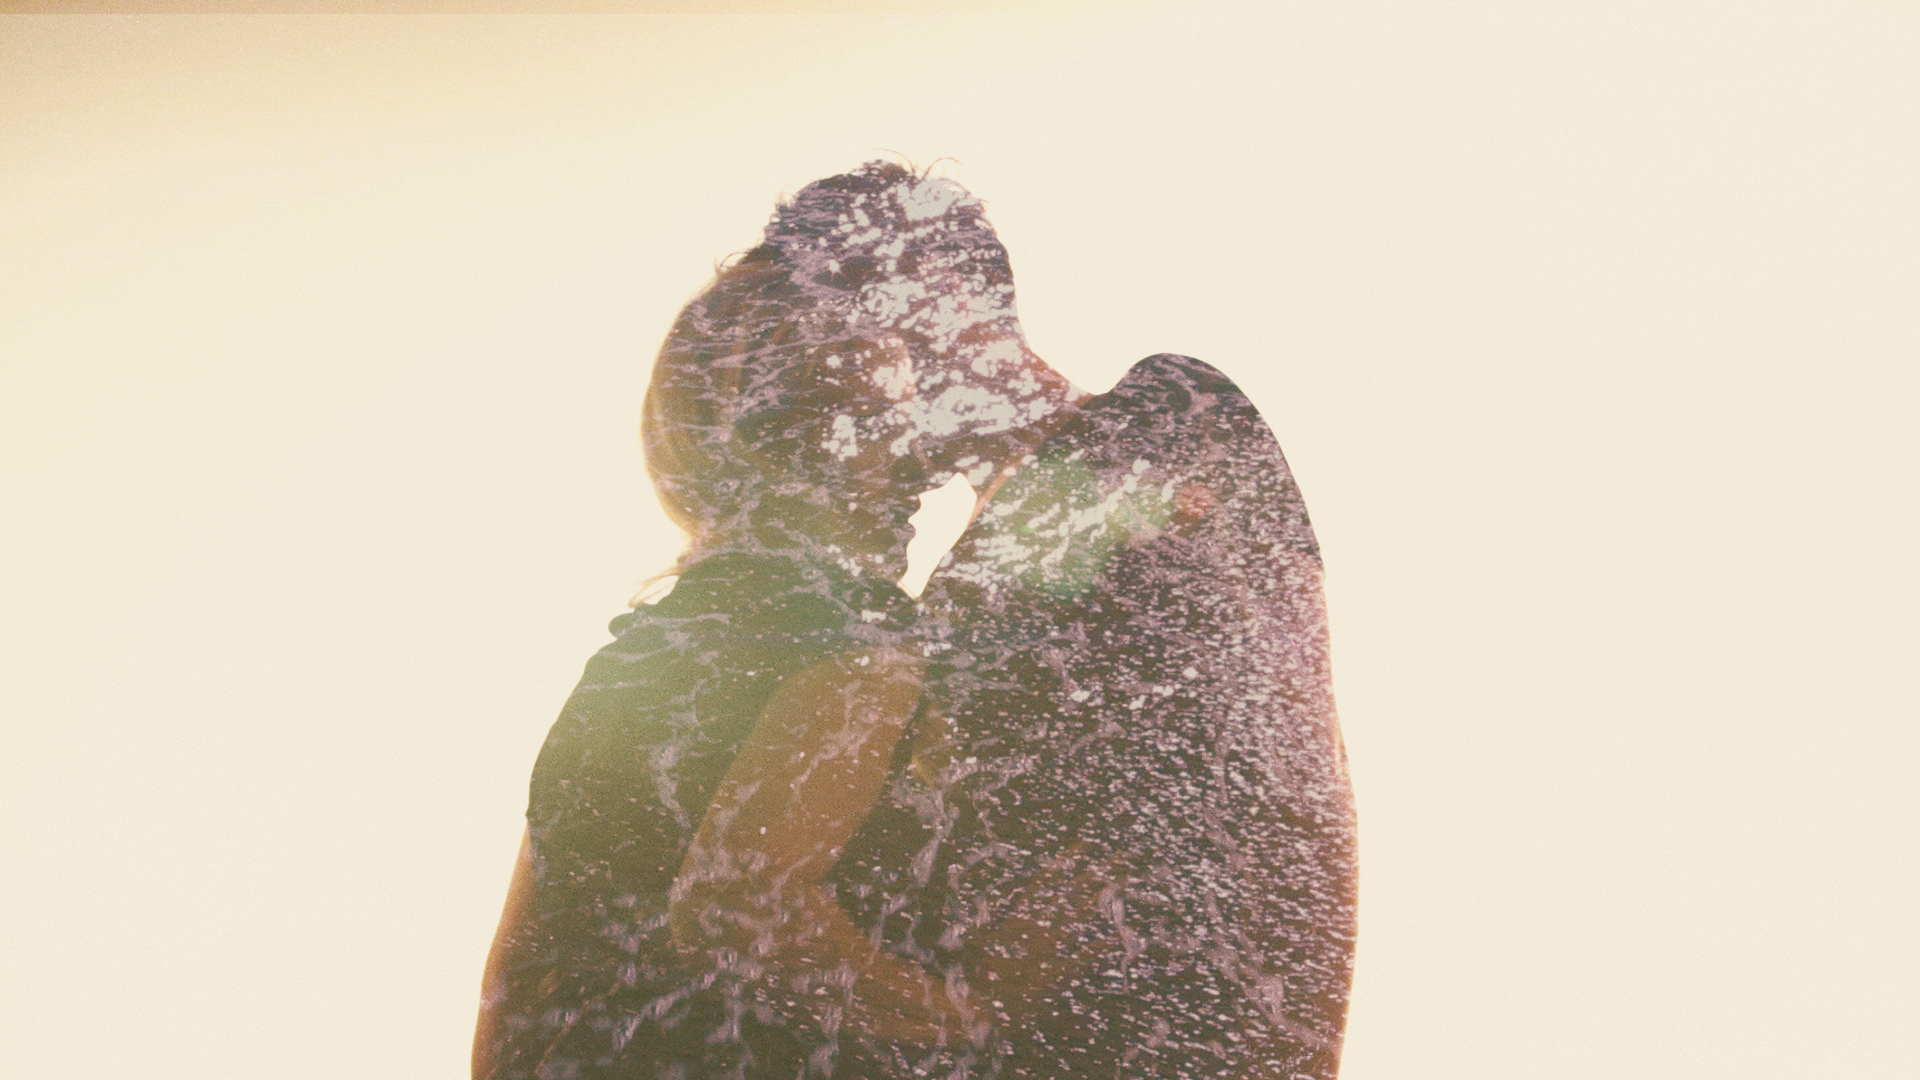 Peach Kings - Be Around - Image 6.jpg